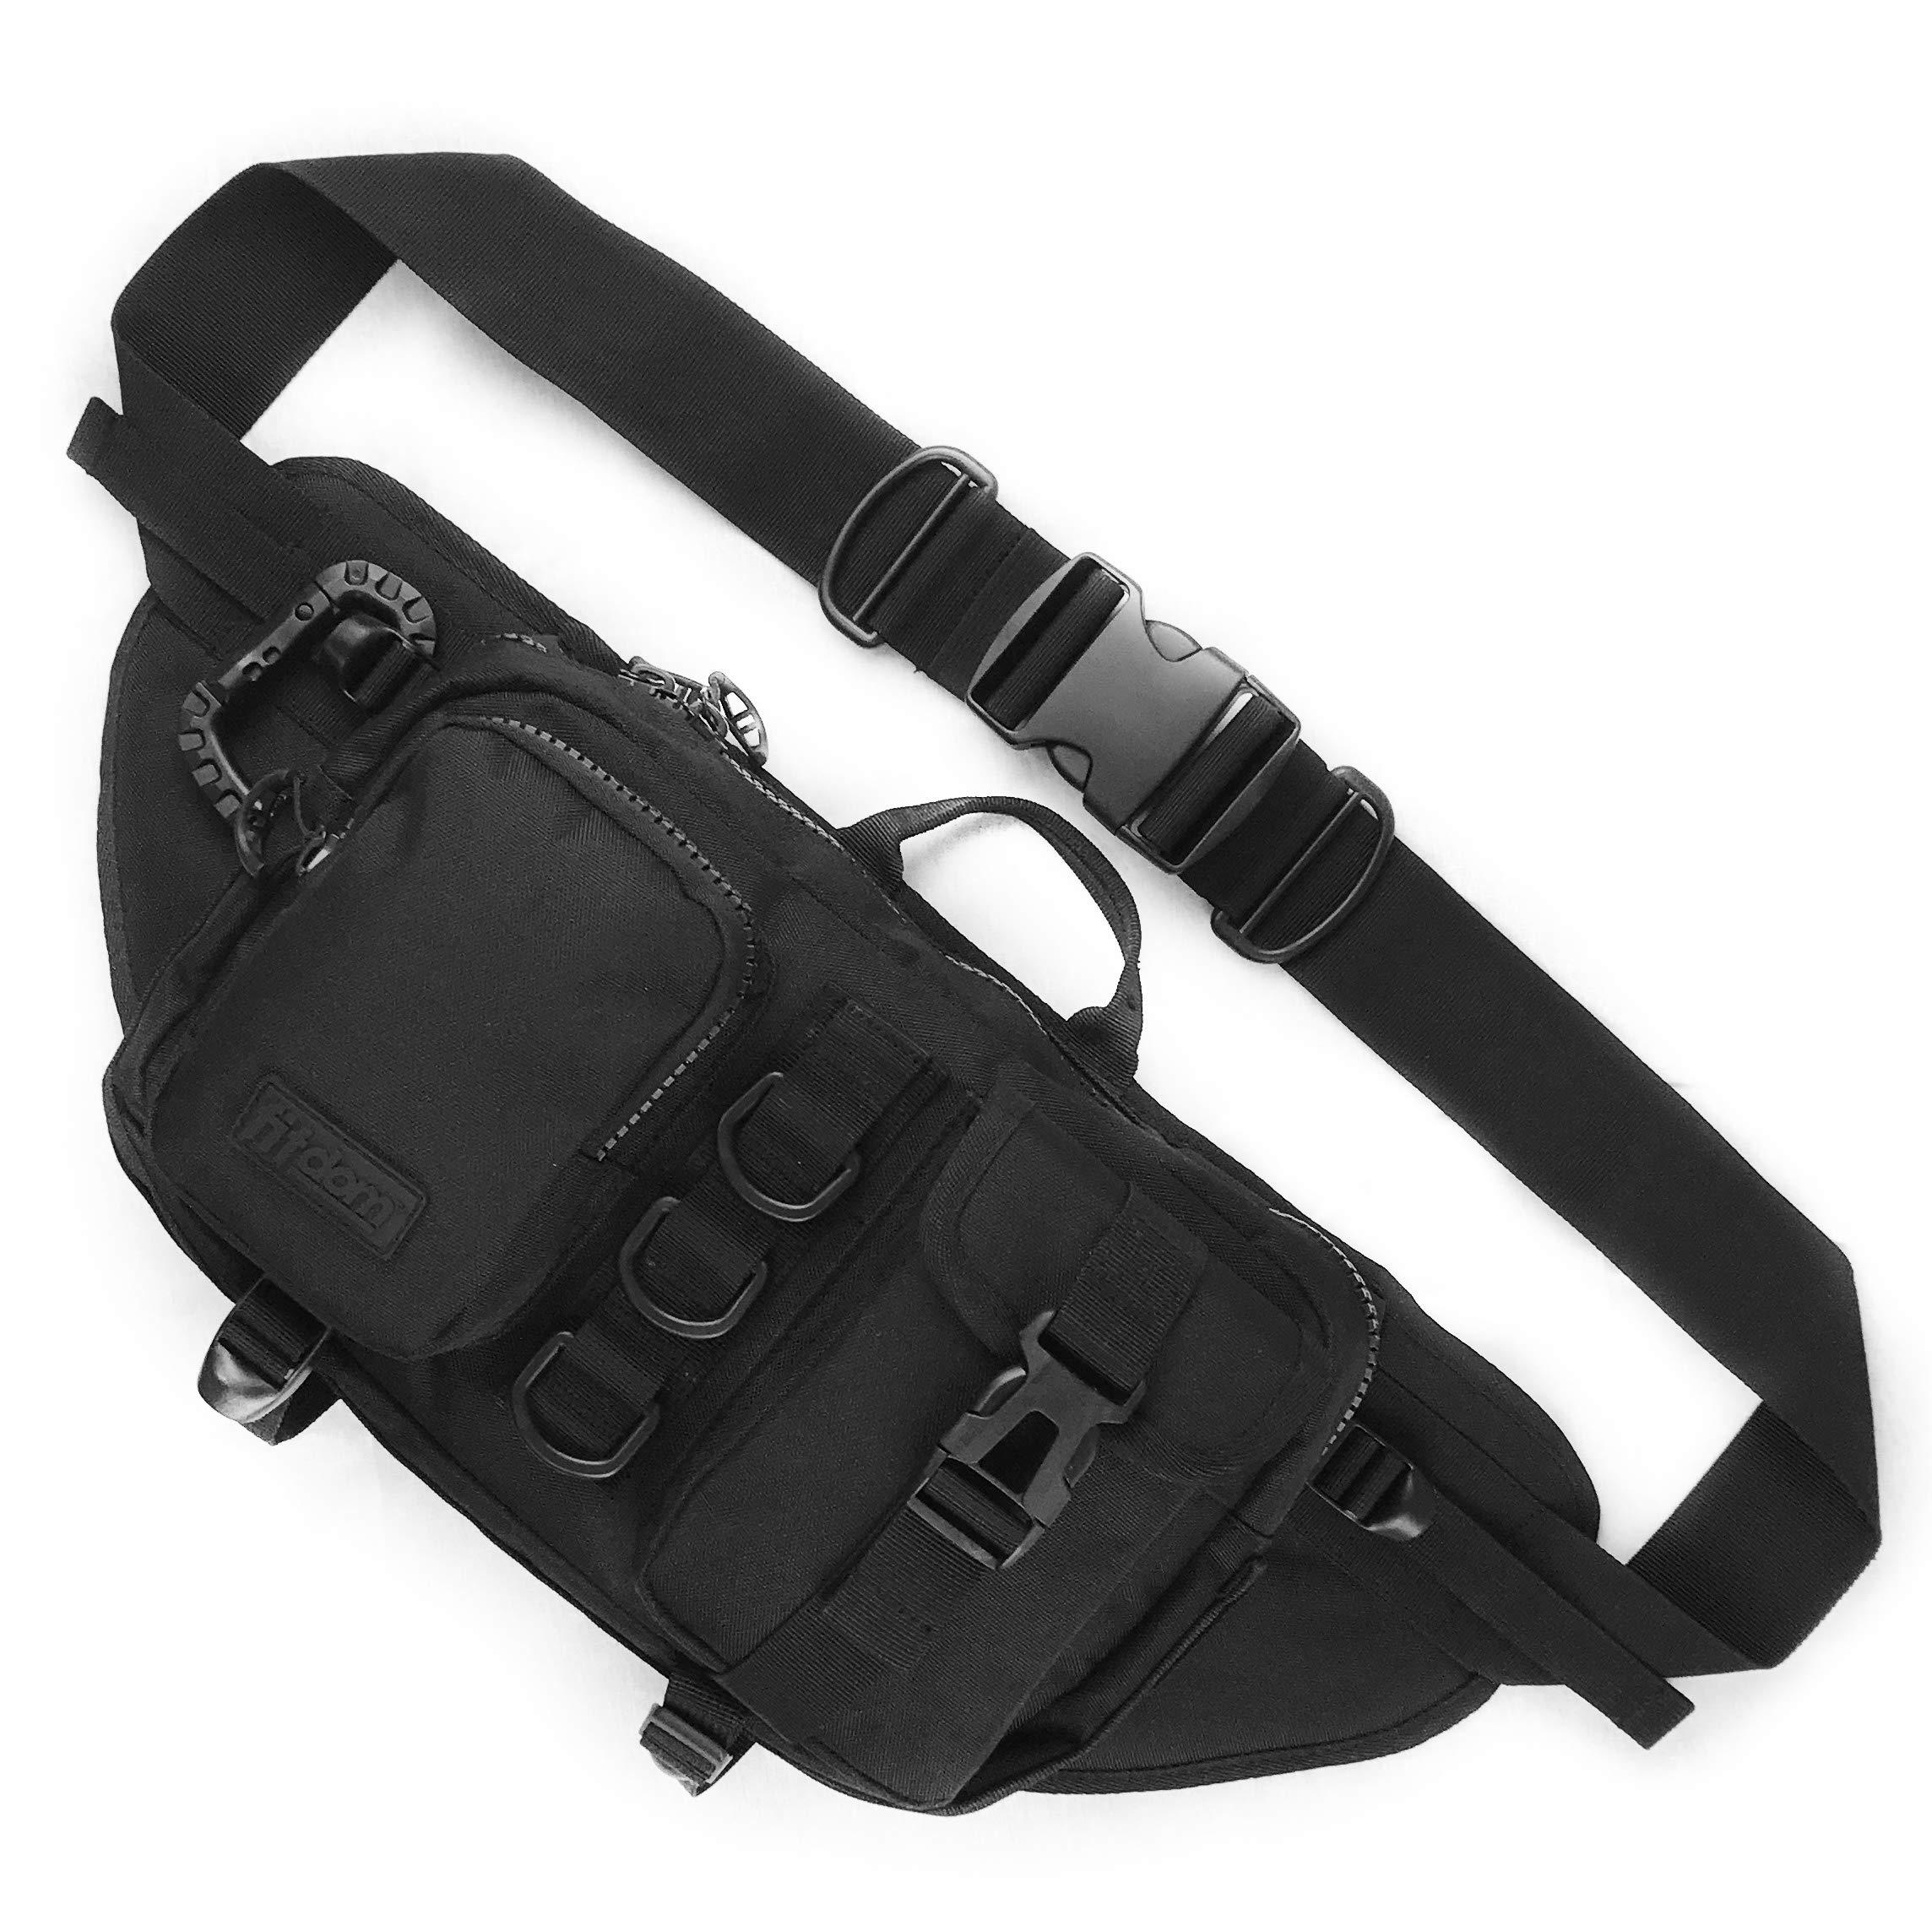 Fitdom Large Multiple Purpose Waist Sling Bag (Jet Black) by Fitdom